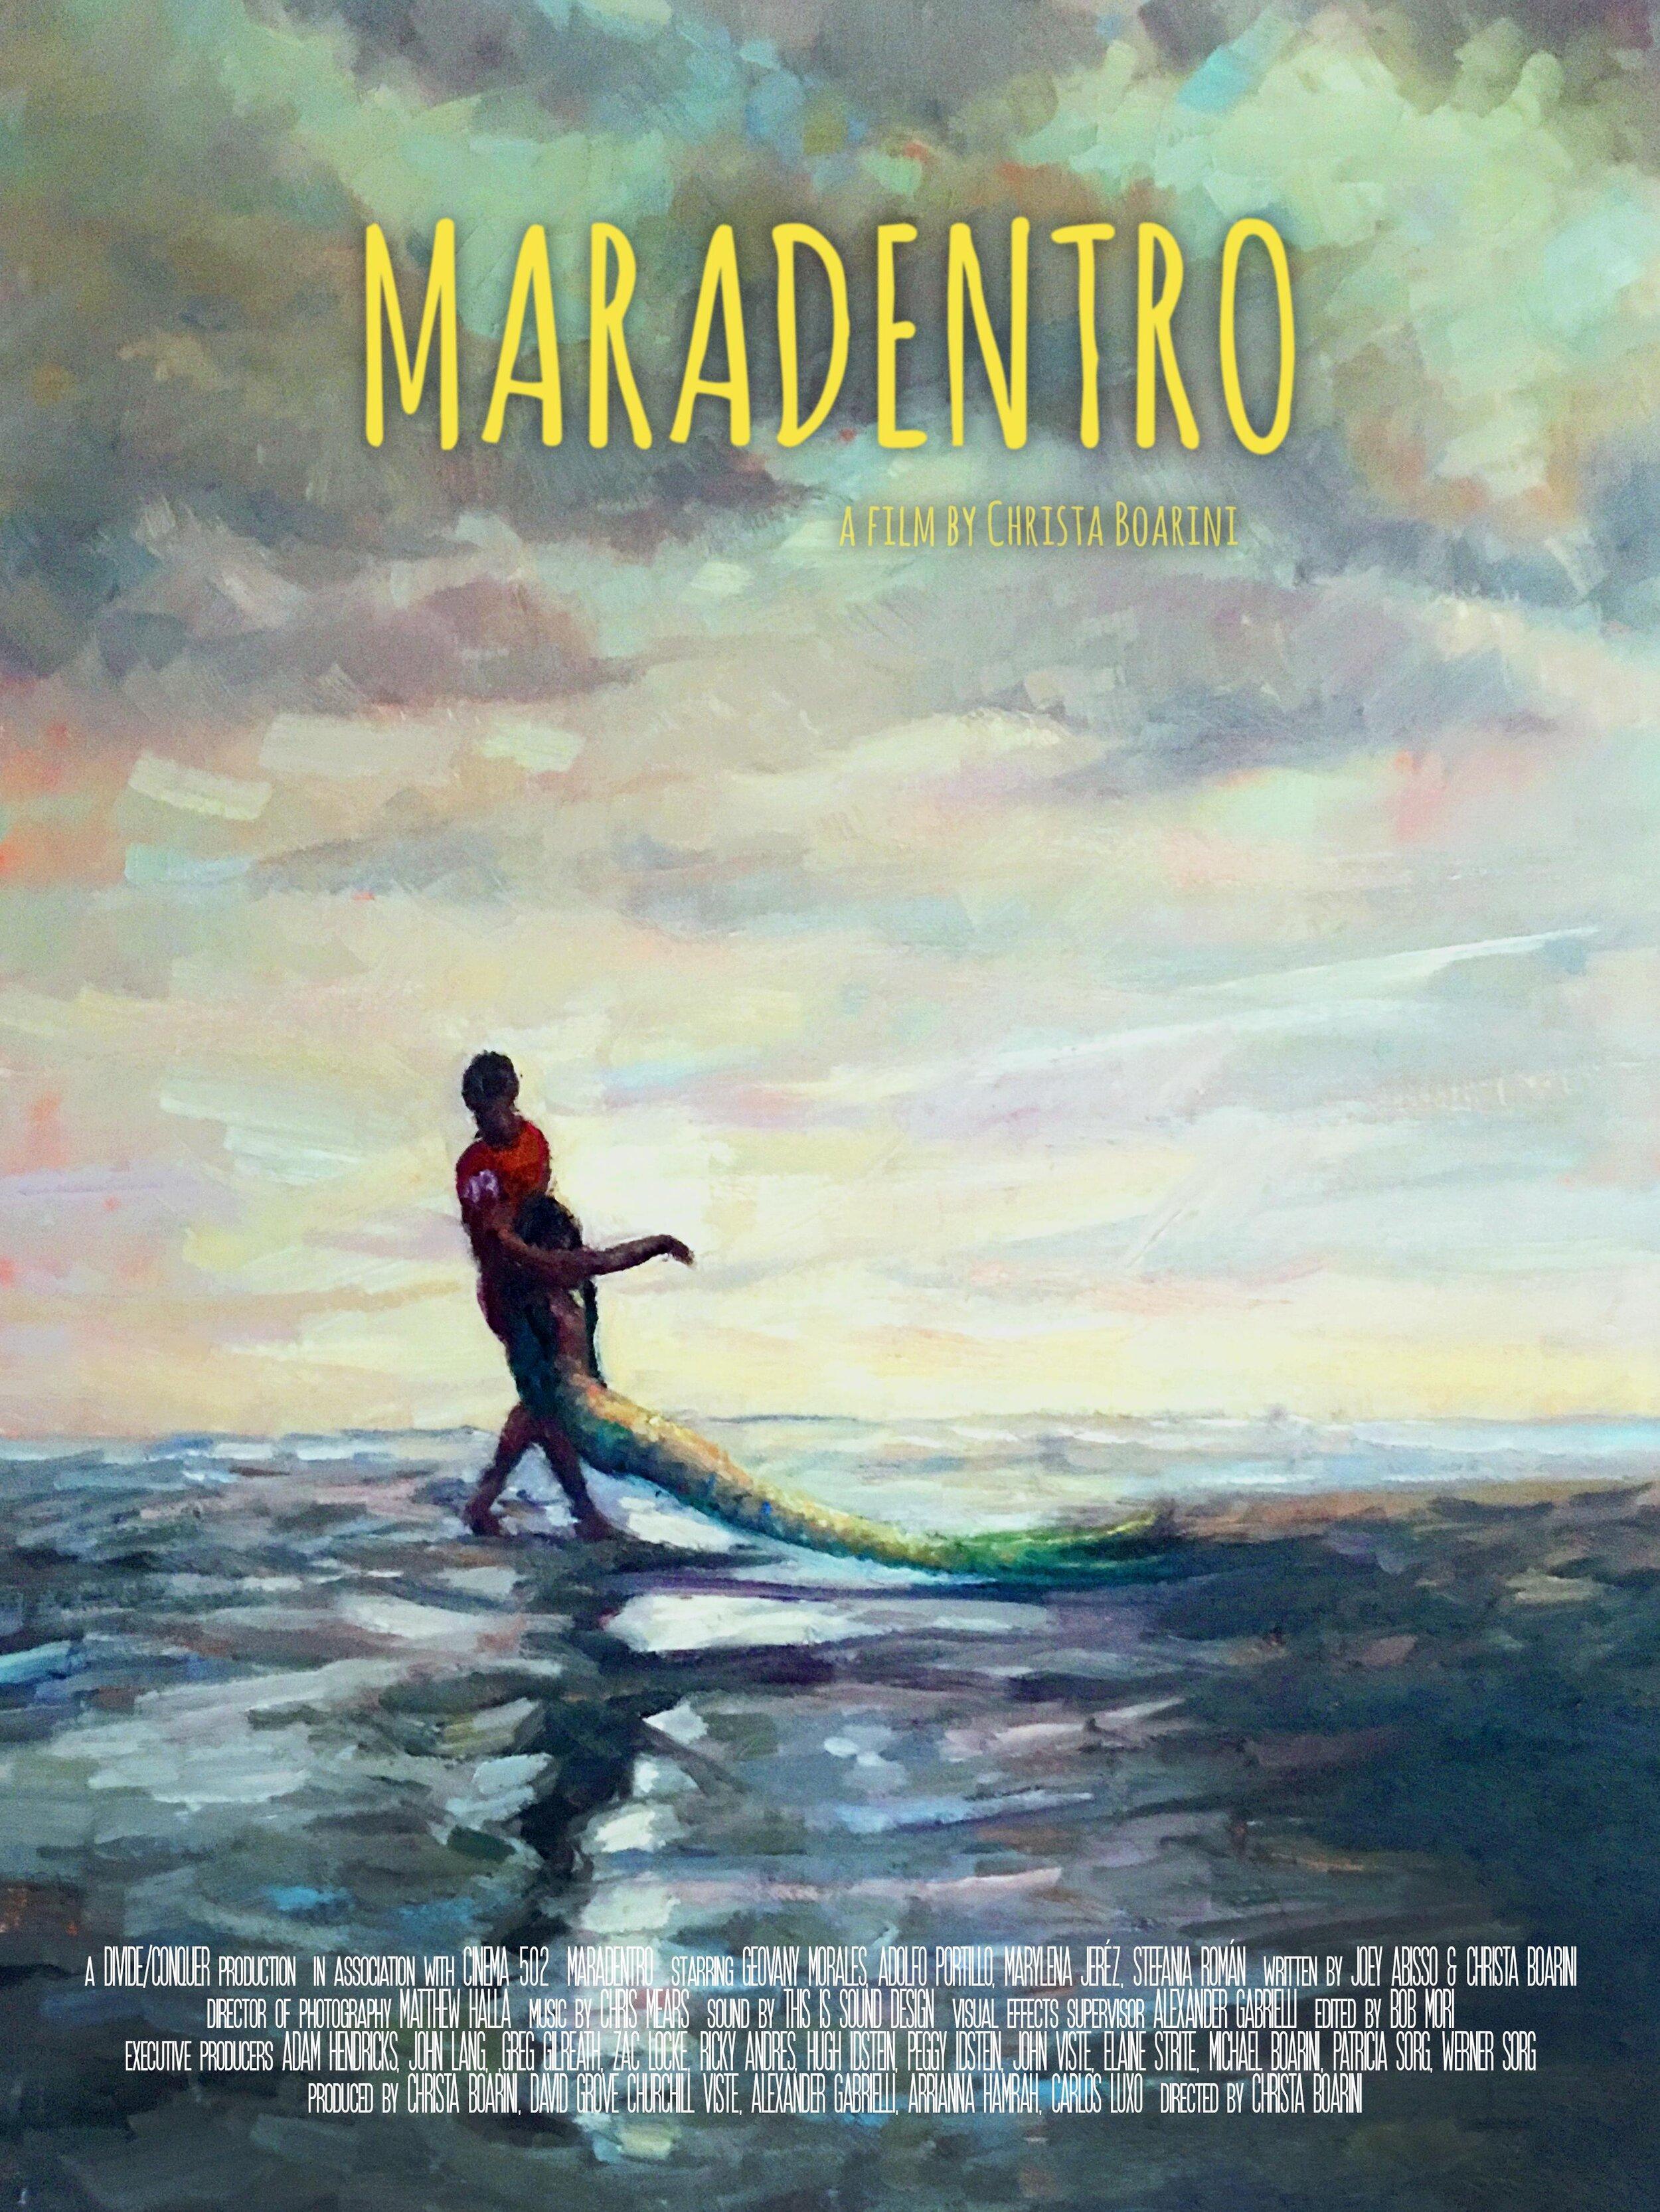 Maradentro Cartel.jpg